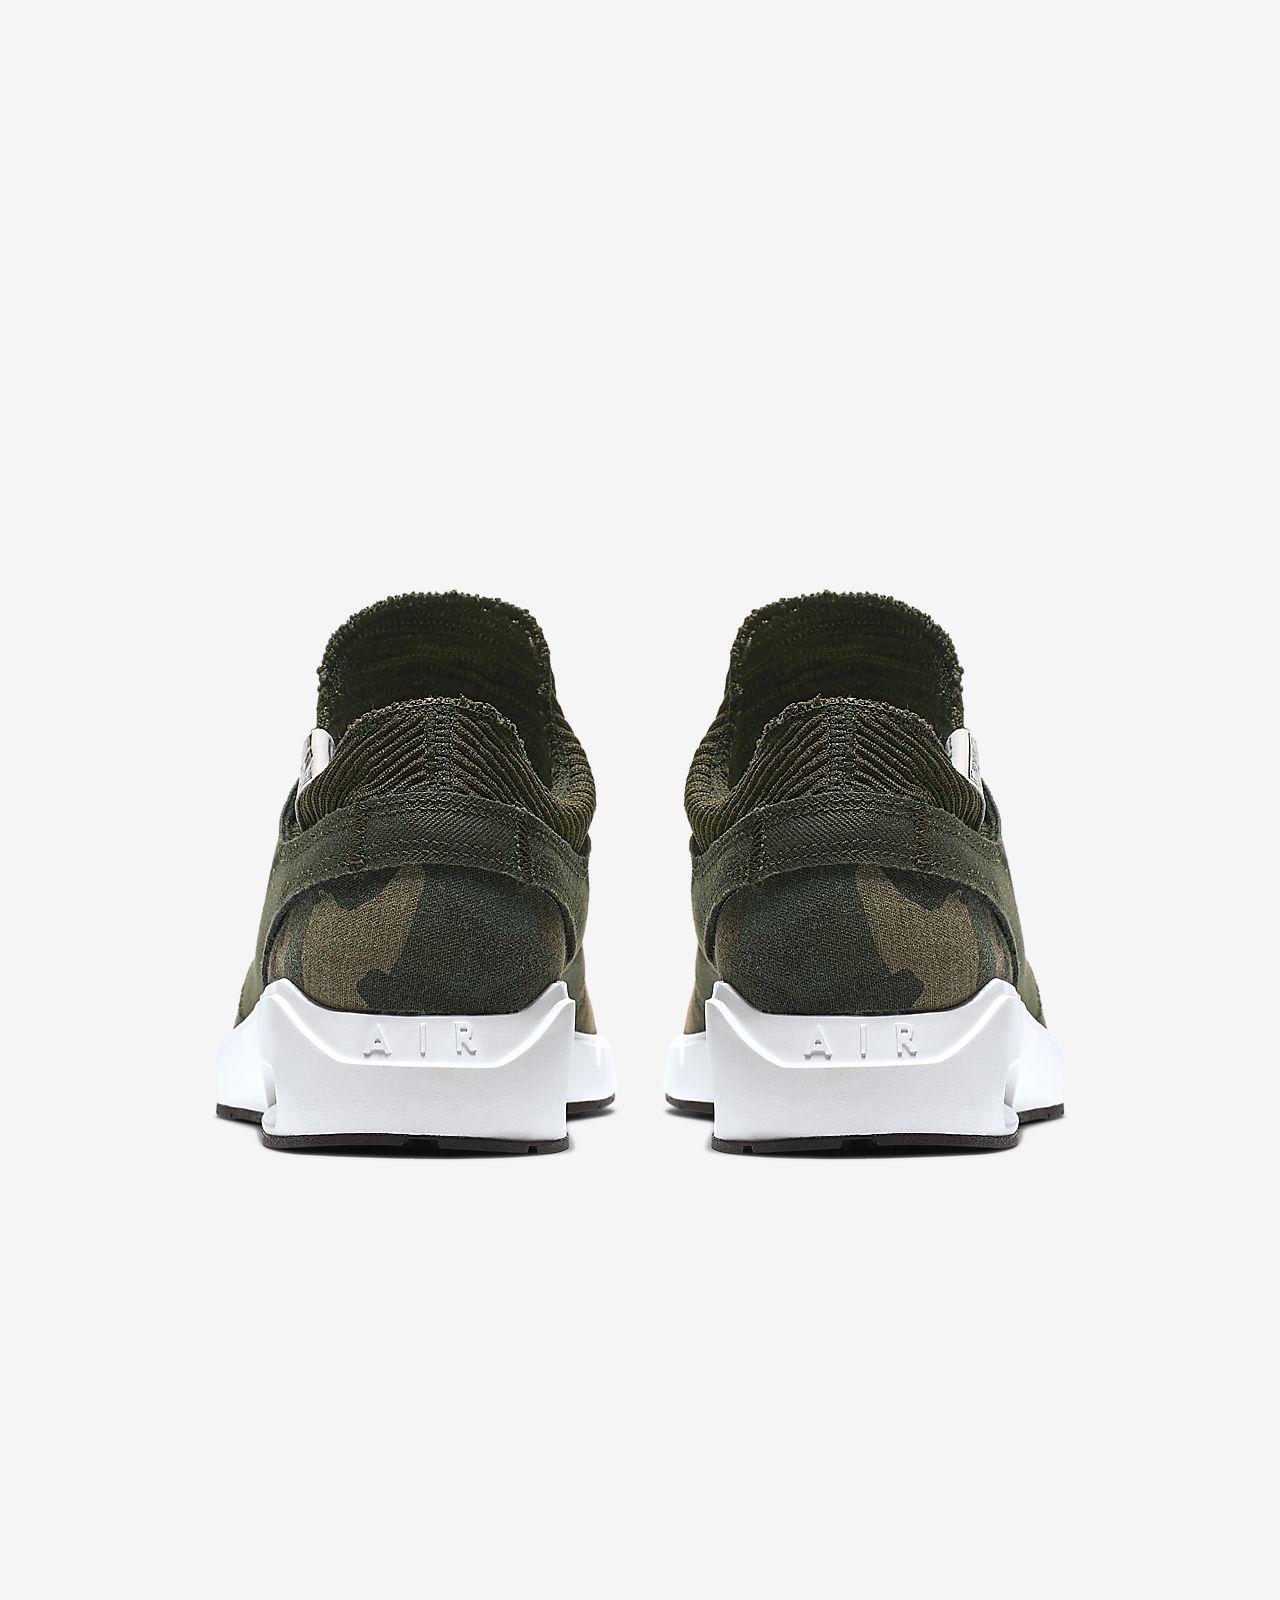 fecc4ce8e34e Nike SB Air Max Janoski 2 Premium Men s Skate Shoe. Nike.com